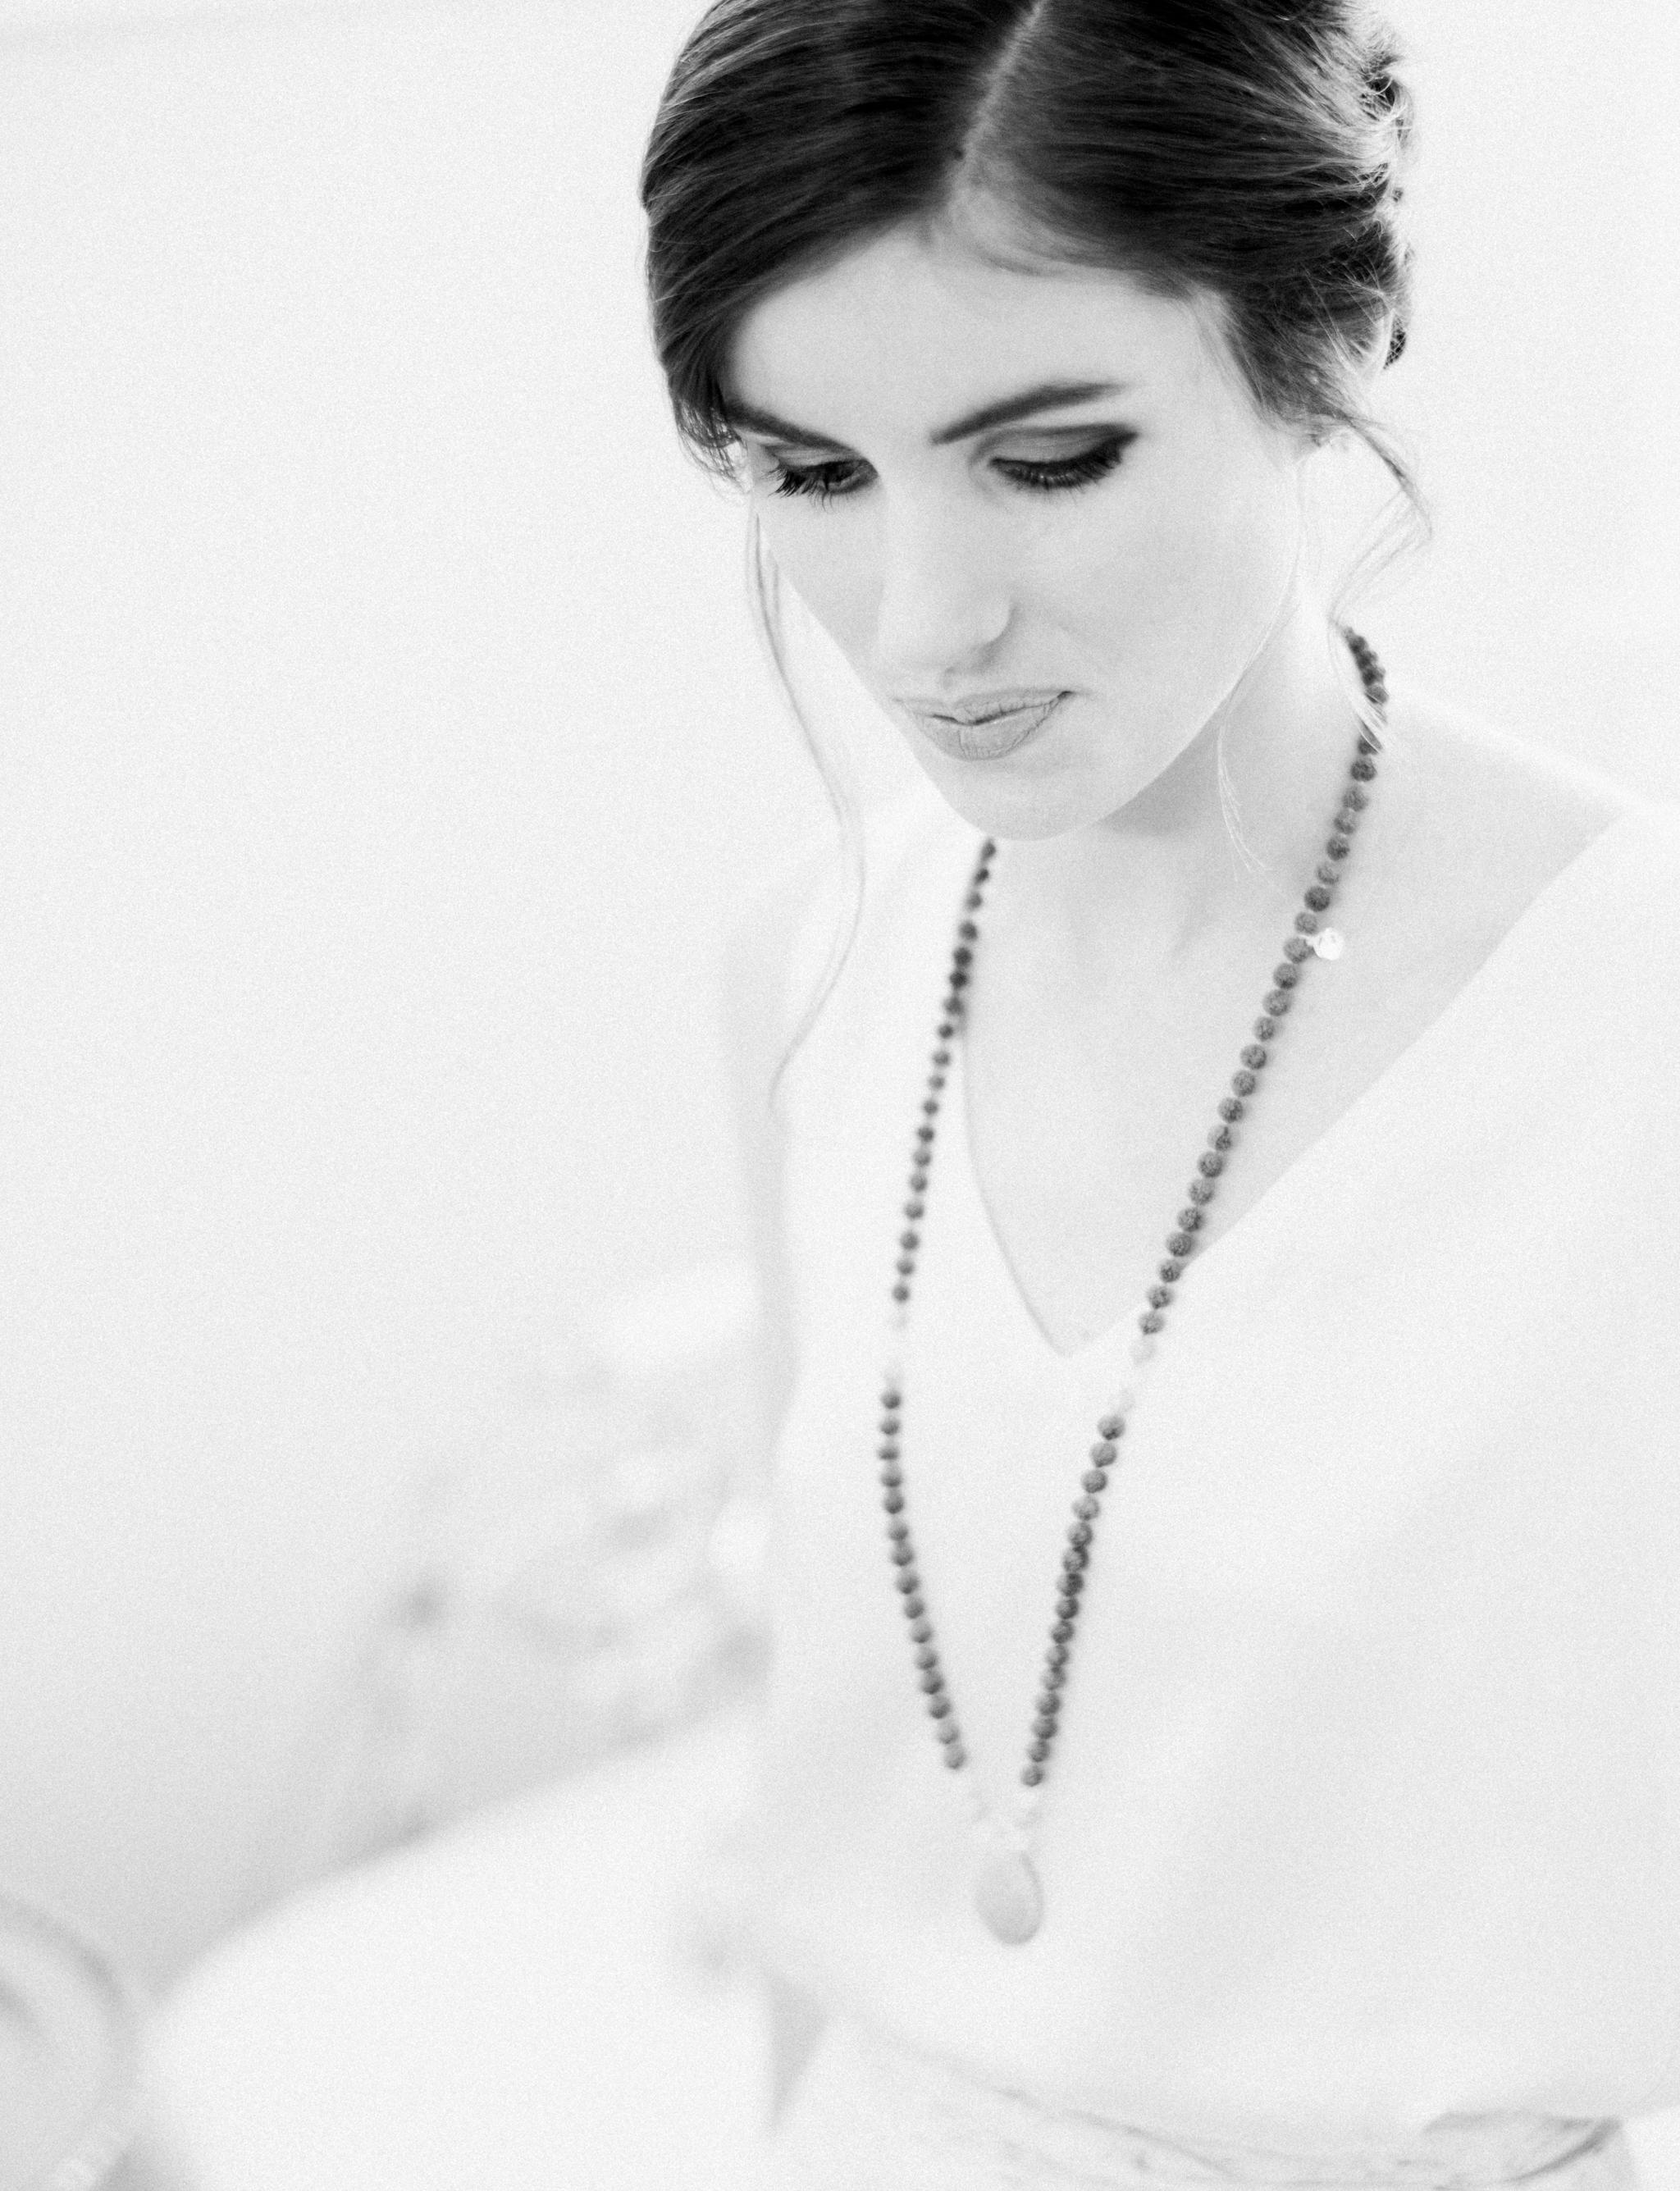 Julianne Young Weddings